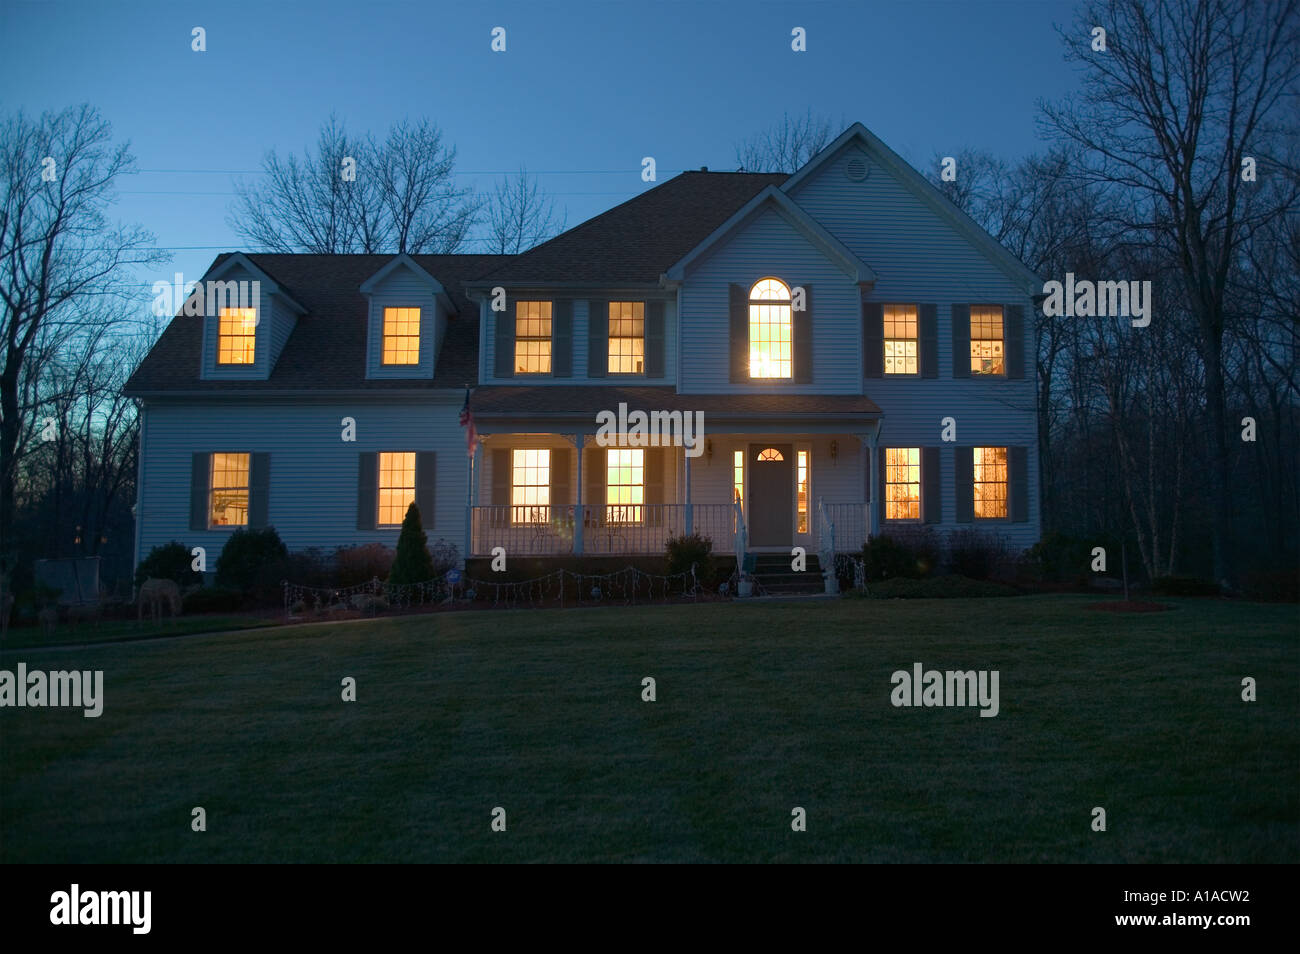 Im Freien Schuss eines Einfamilienhauses in der Nacht Stockbild